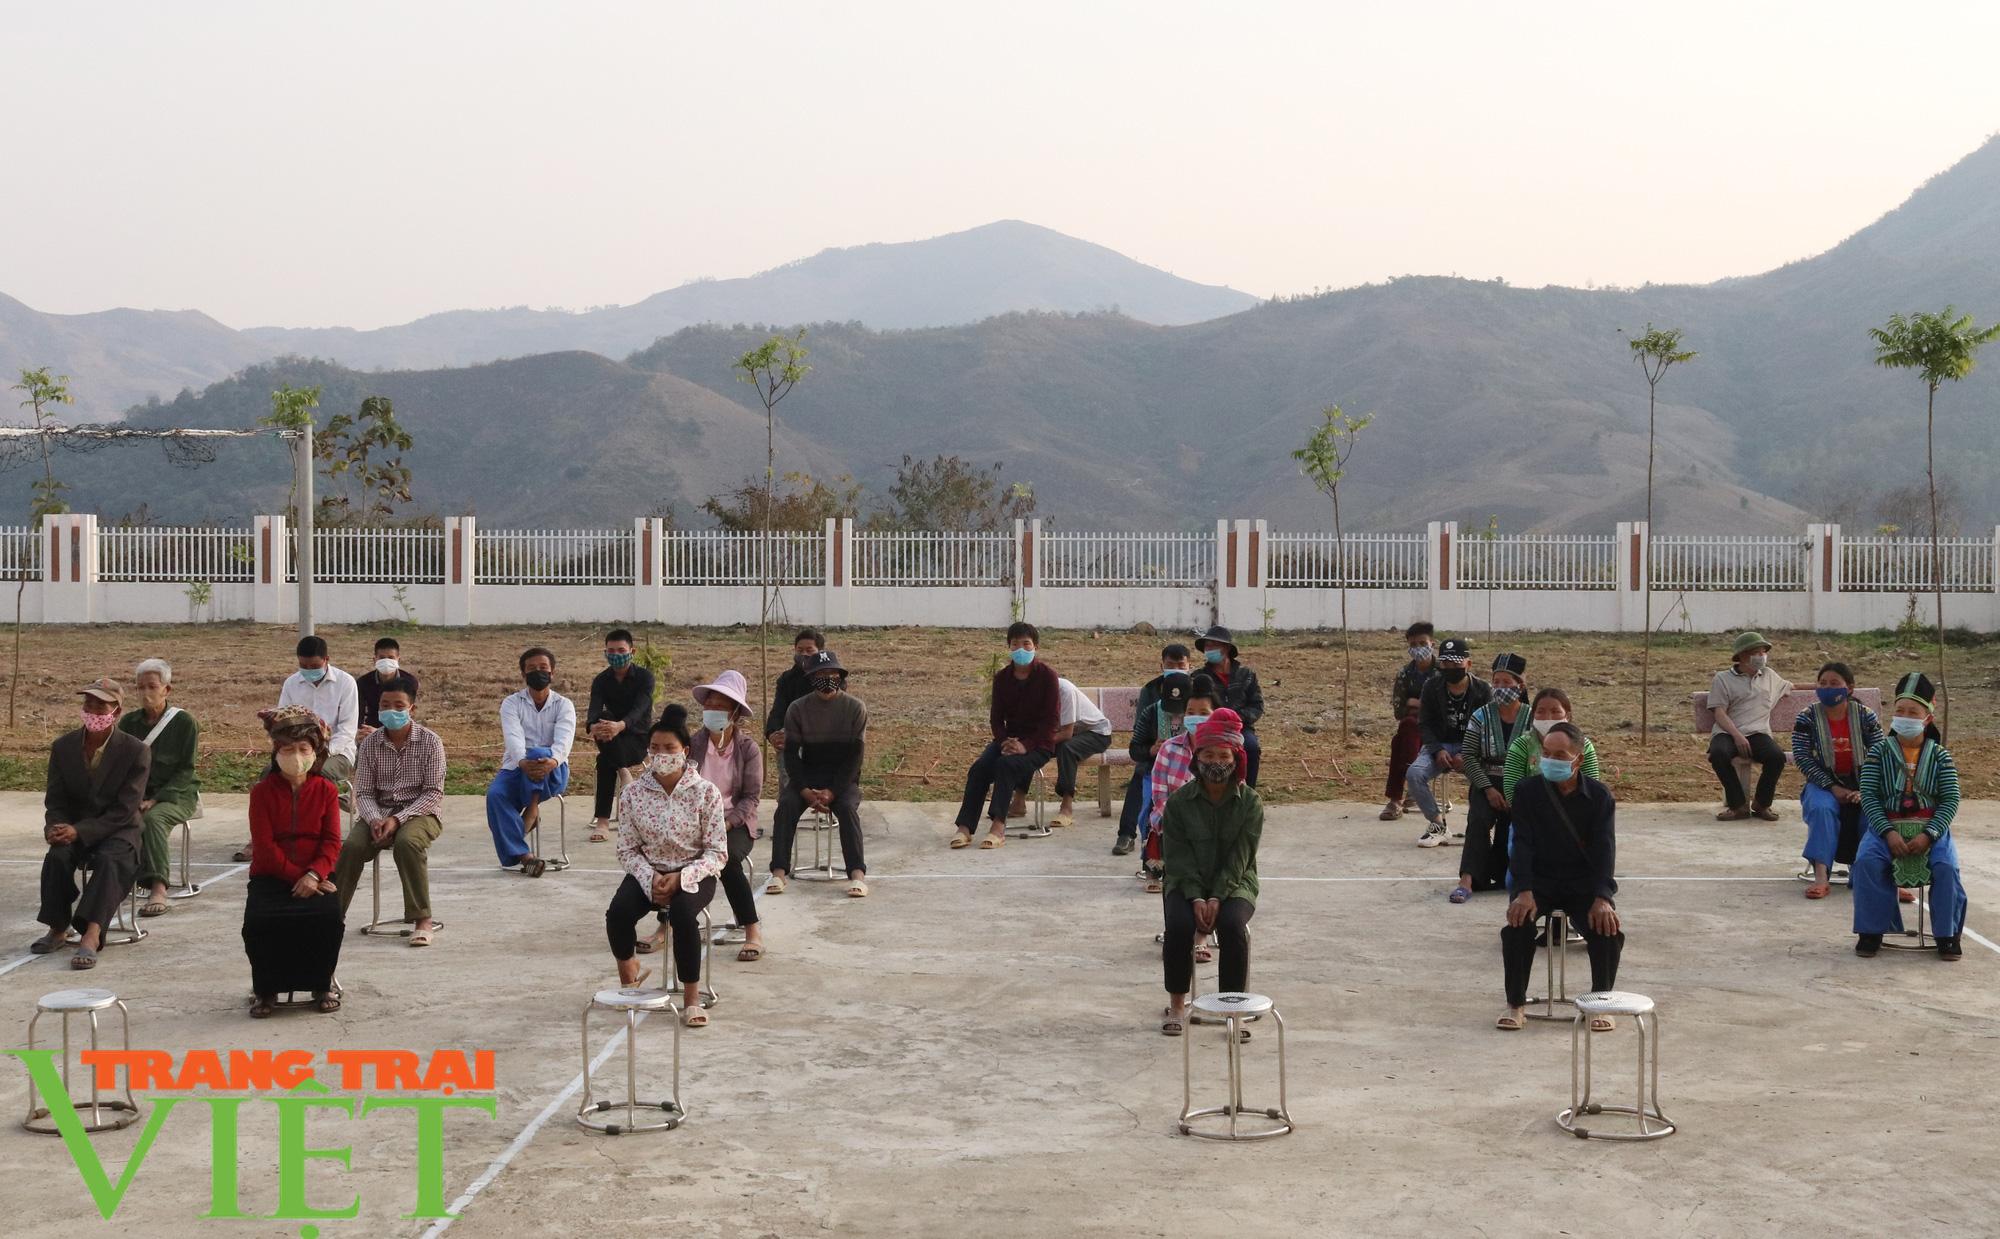 Báo NTNN/Dân Việt/Trang Trại Việt chung tay lo tết với nông dân nghèo Sơn La  - Ảnh 2.